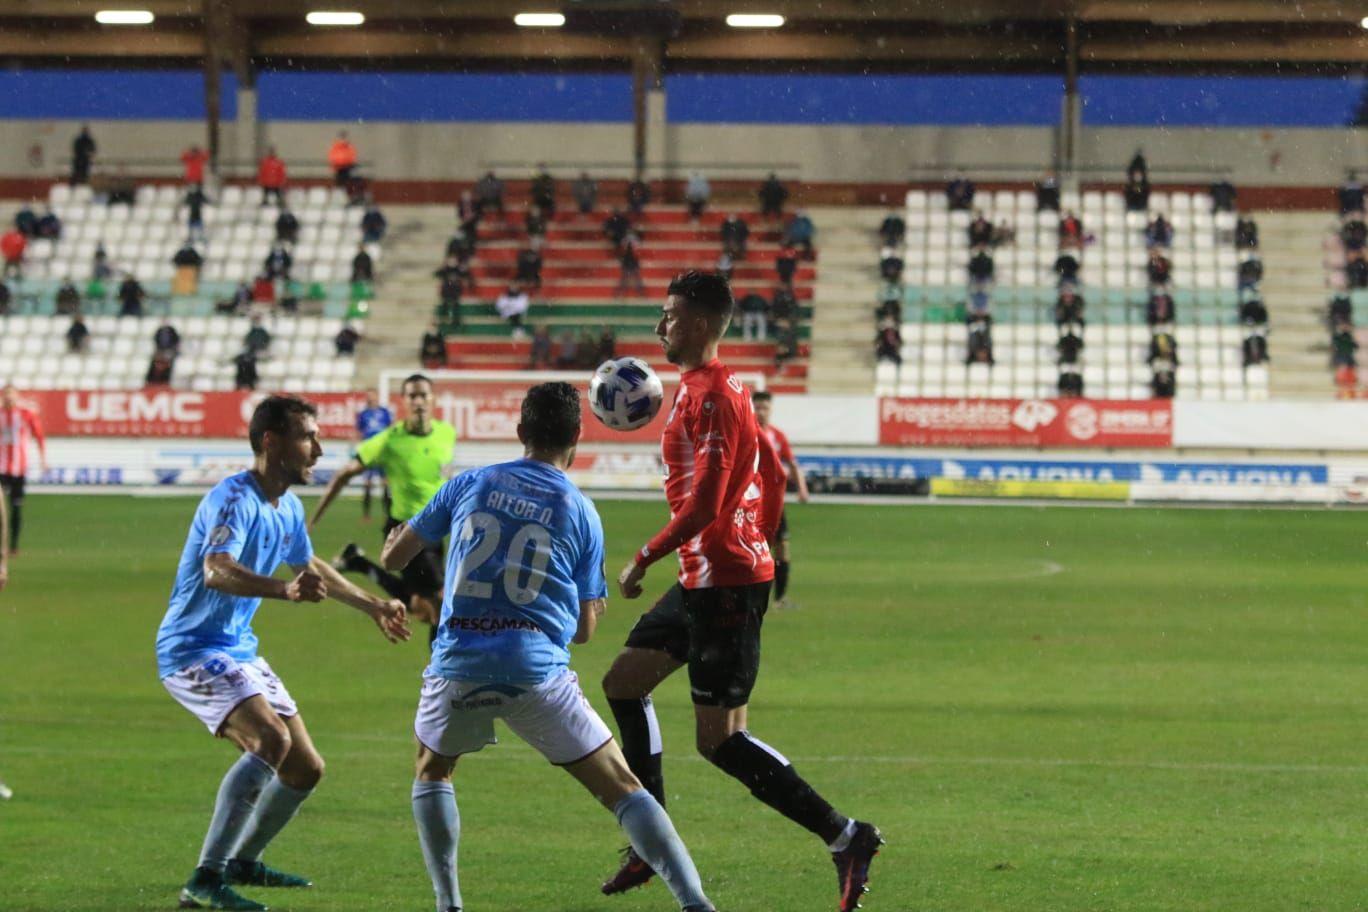 Las mejores imágenes del duelo entre el Zamora CF y el Pontevedra (0-0)